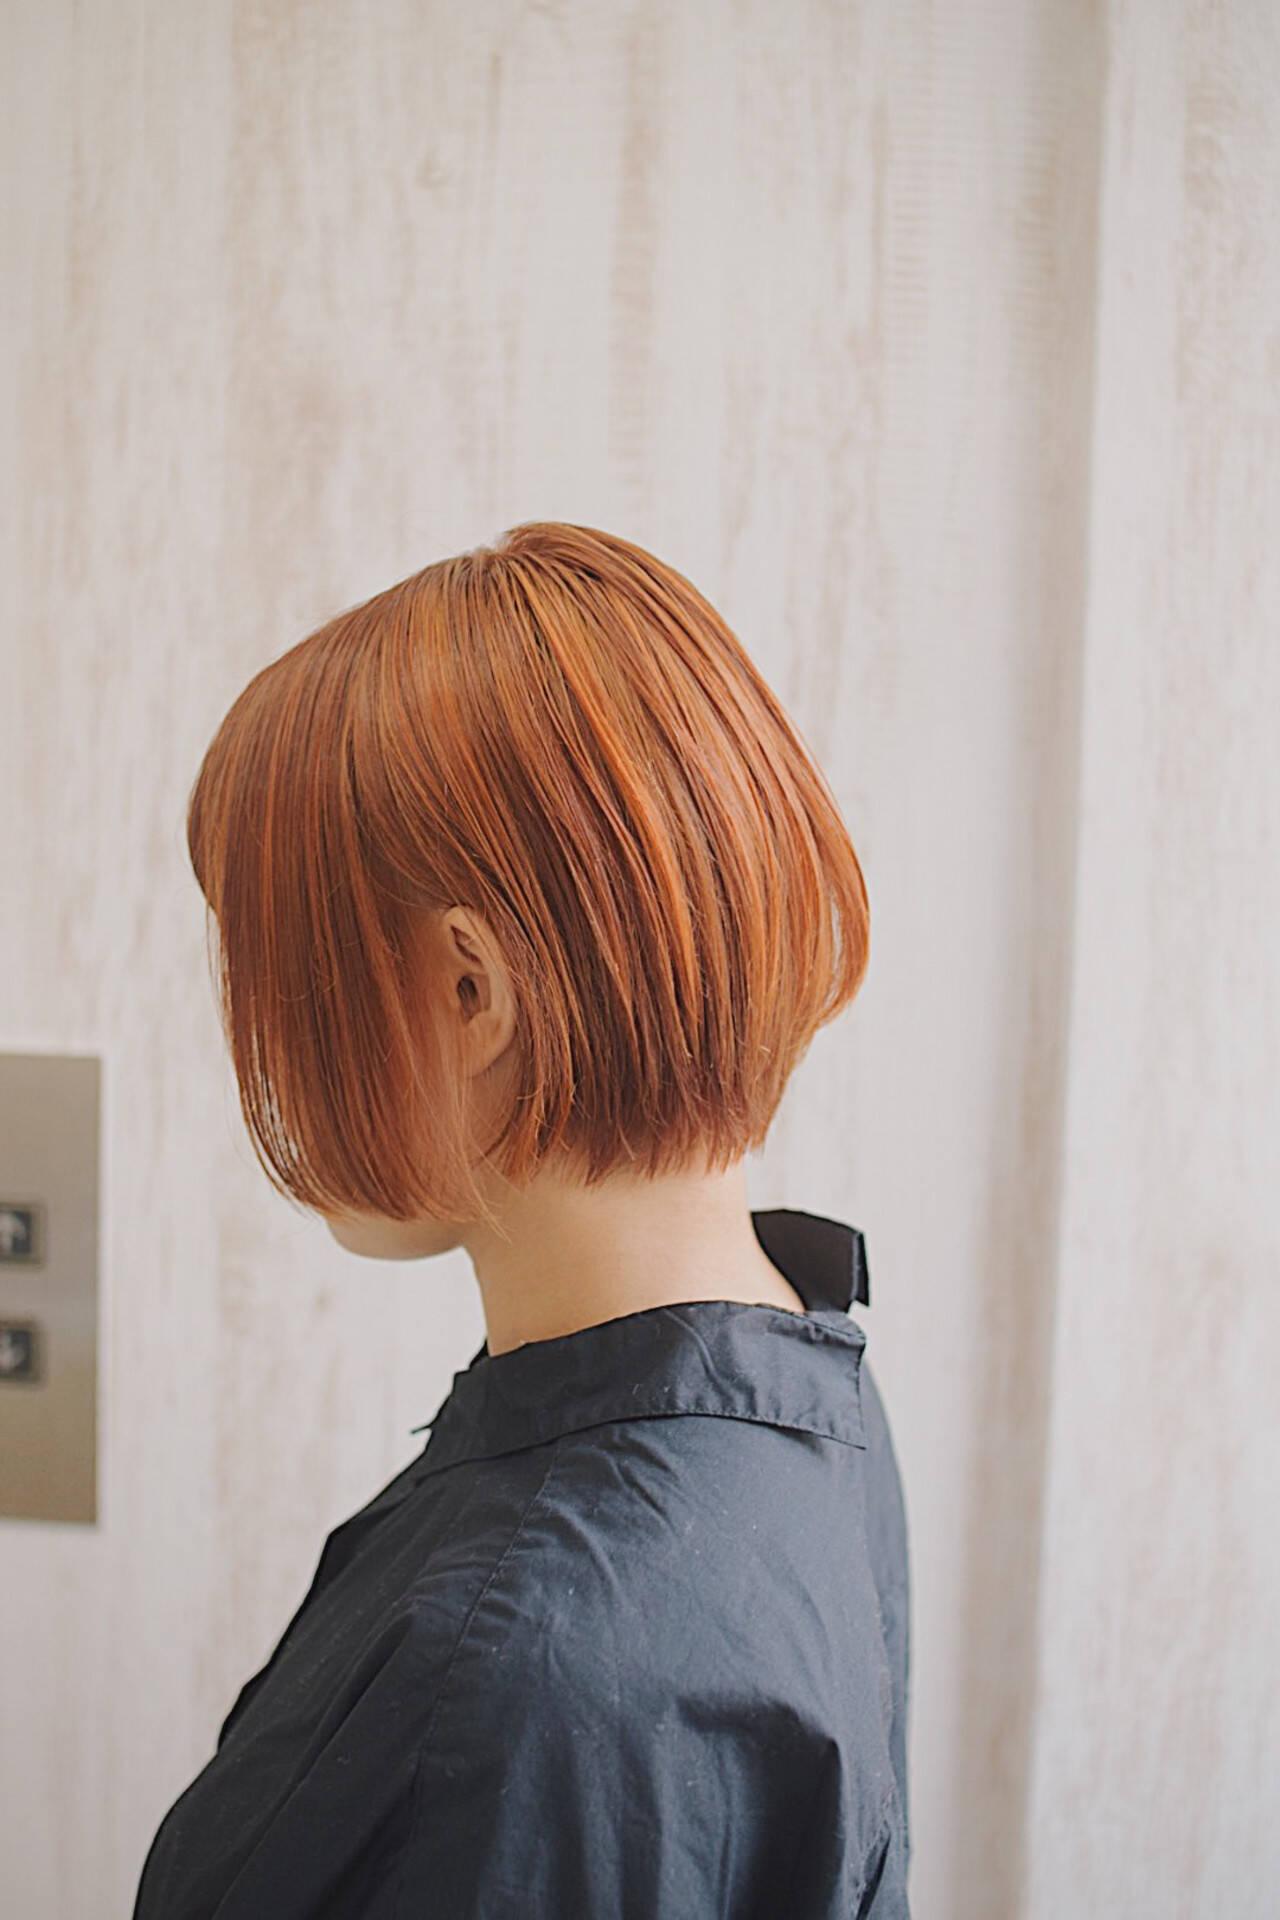 アプリコットオレンジ フェミニン ミルクティーベージュ ショートボブヘアスタイルや髪型の写真・画像